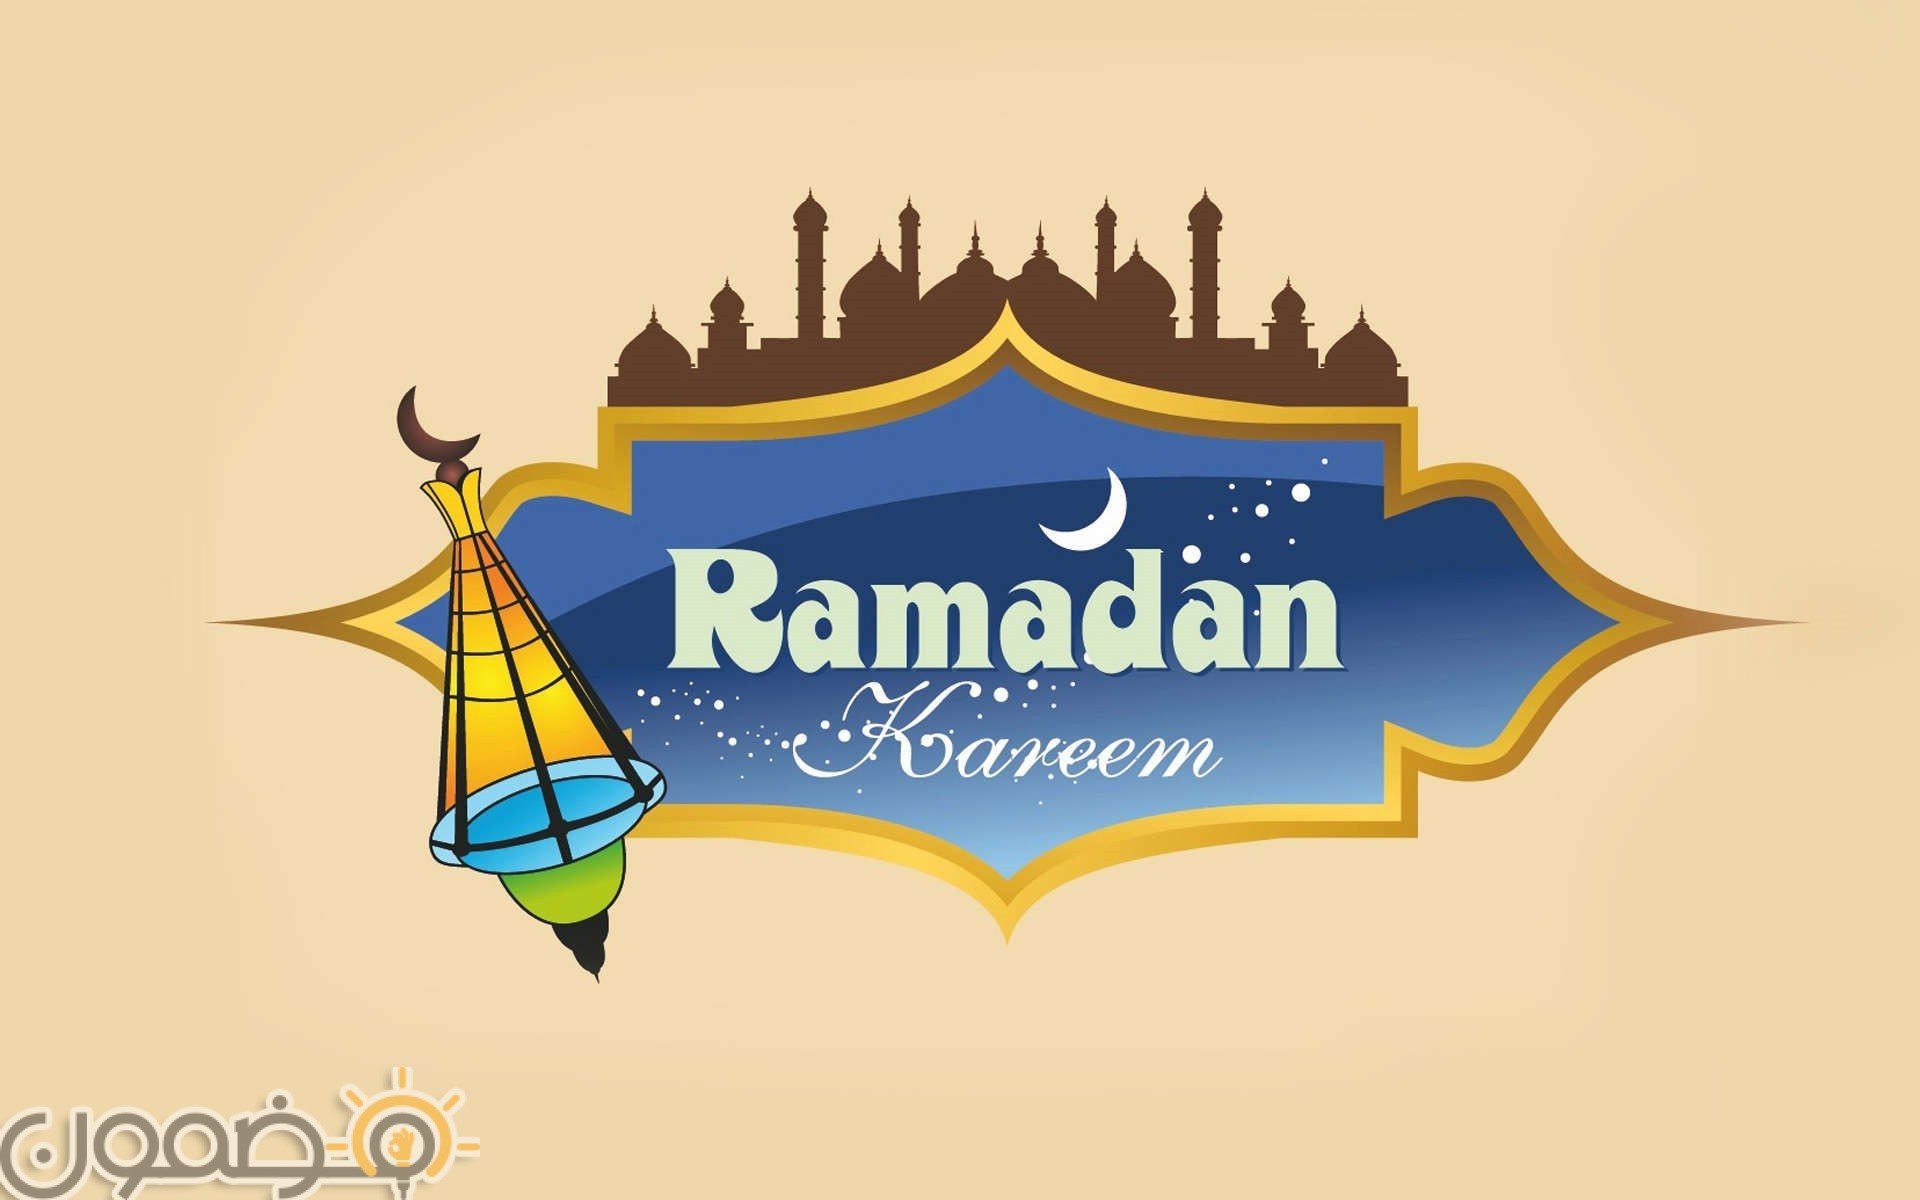 صور بوستات رمضانية 6 صور بوستات رمضانية جديدة رمضان كريم